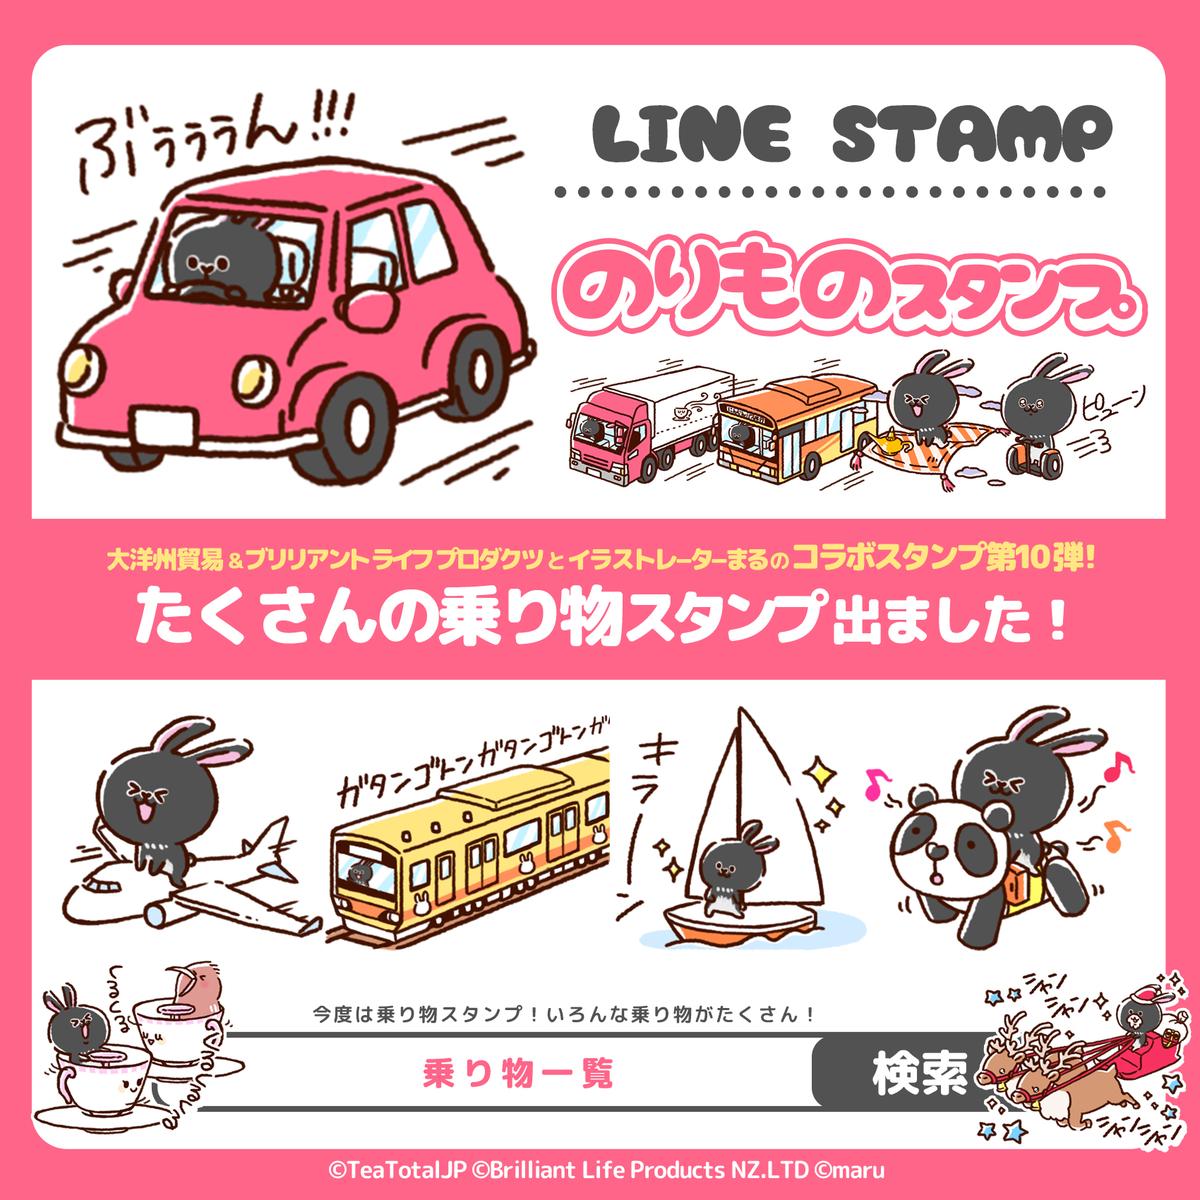 乗り物スタンプ,動物スタンプ,かわいいスタンプ,ウサギスタンプ